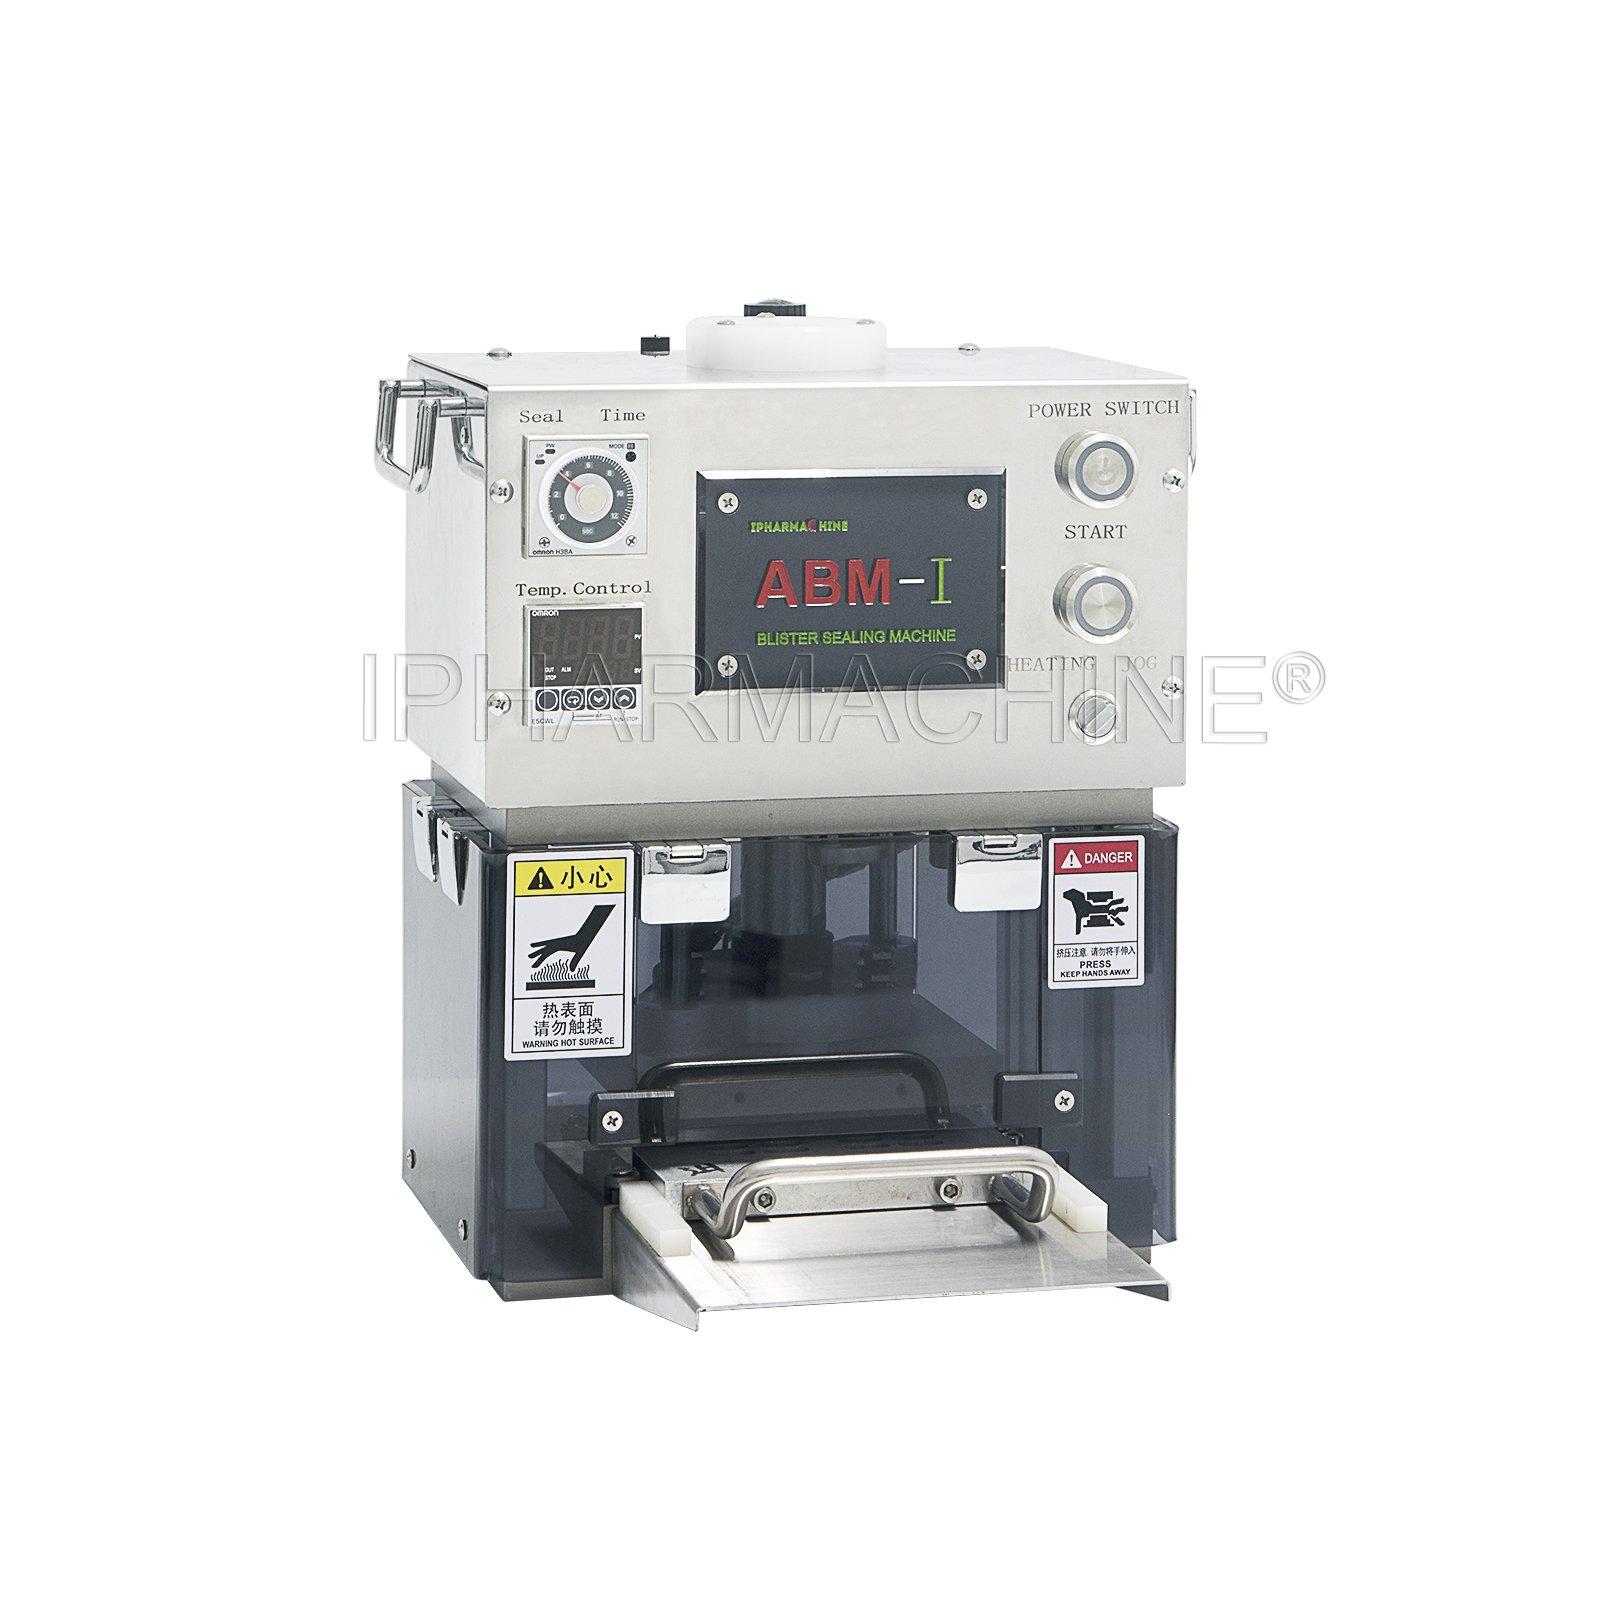 Capsulcn®,Blister Card Sealing machine ABM-I Blister Packaging machine (110V/60HZ)